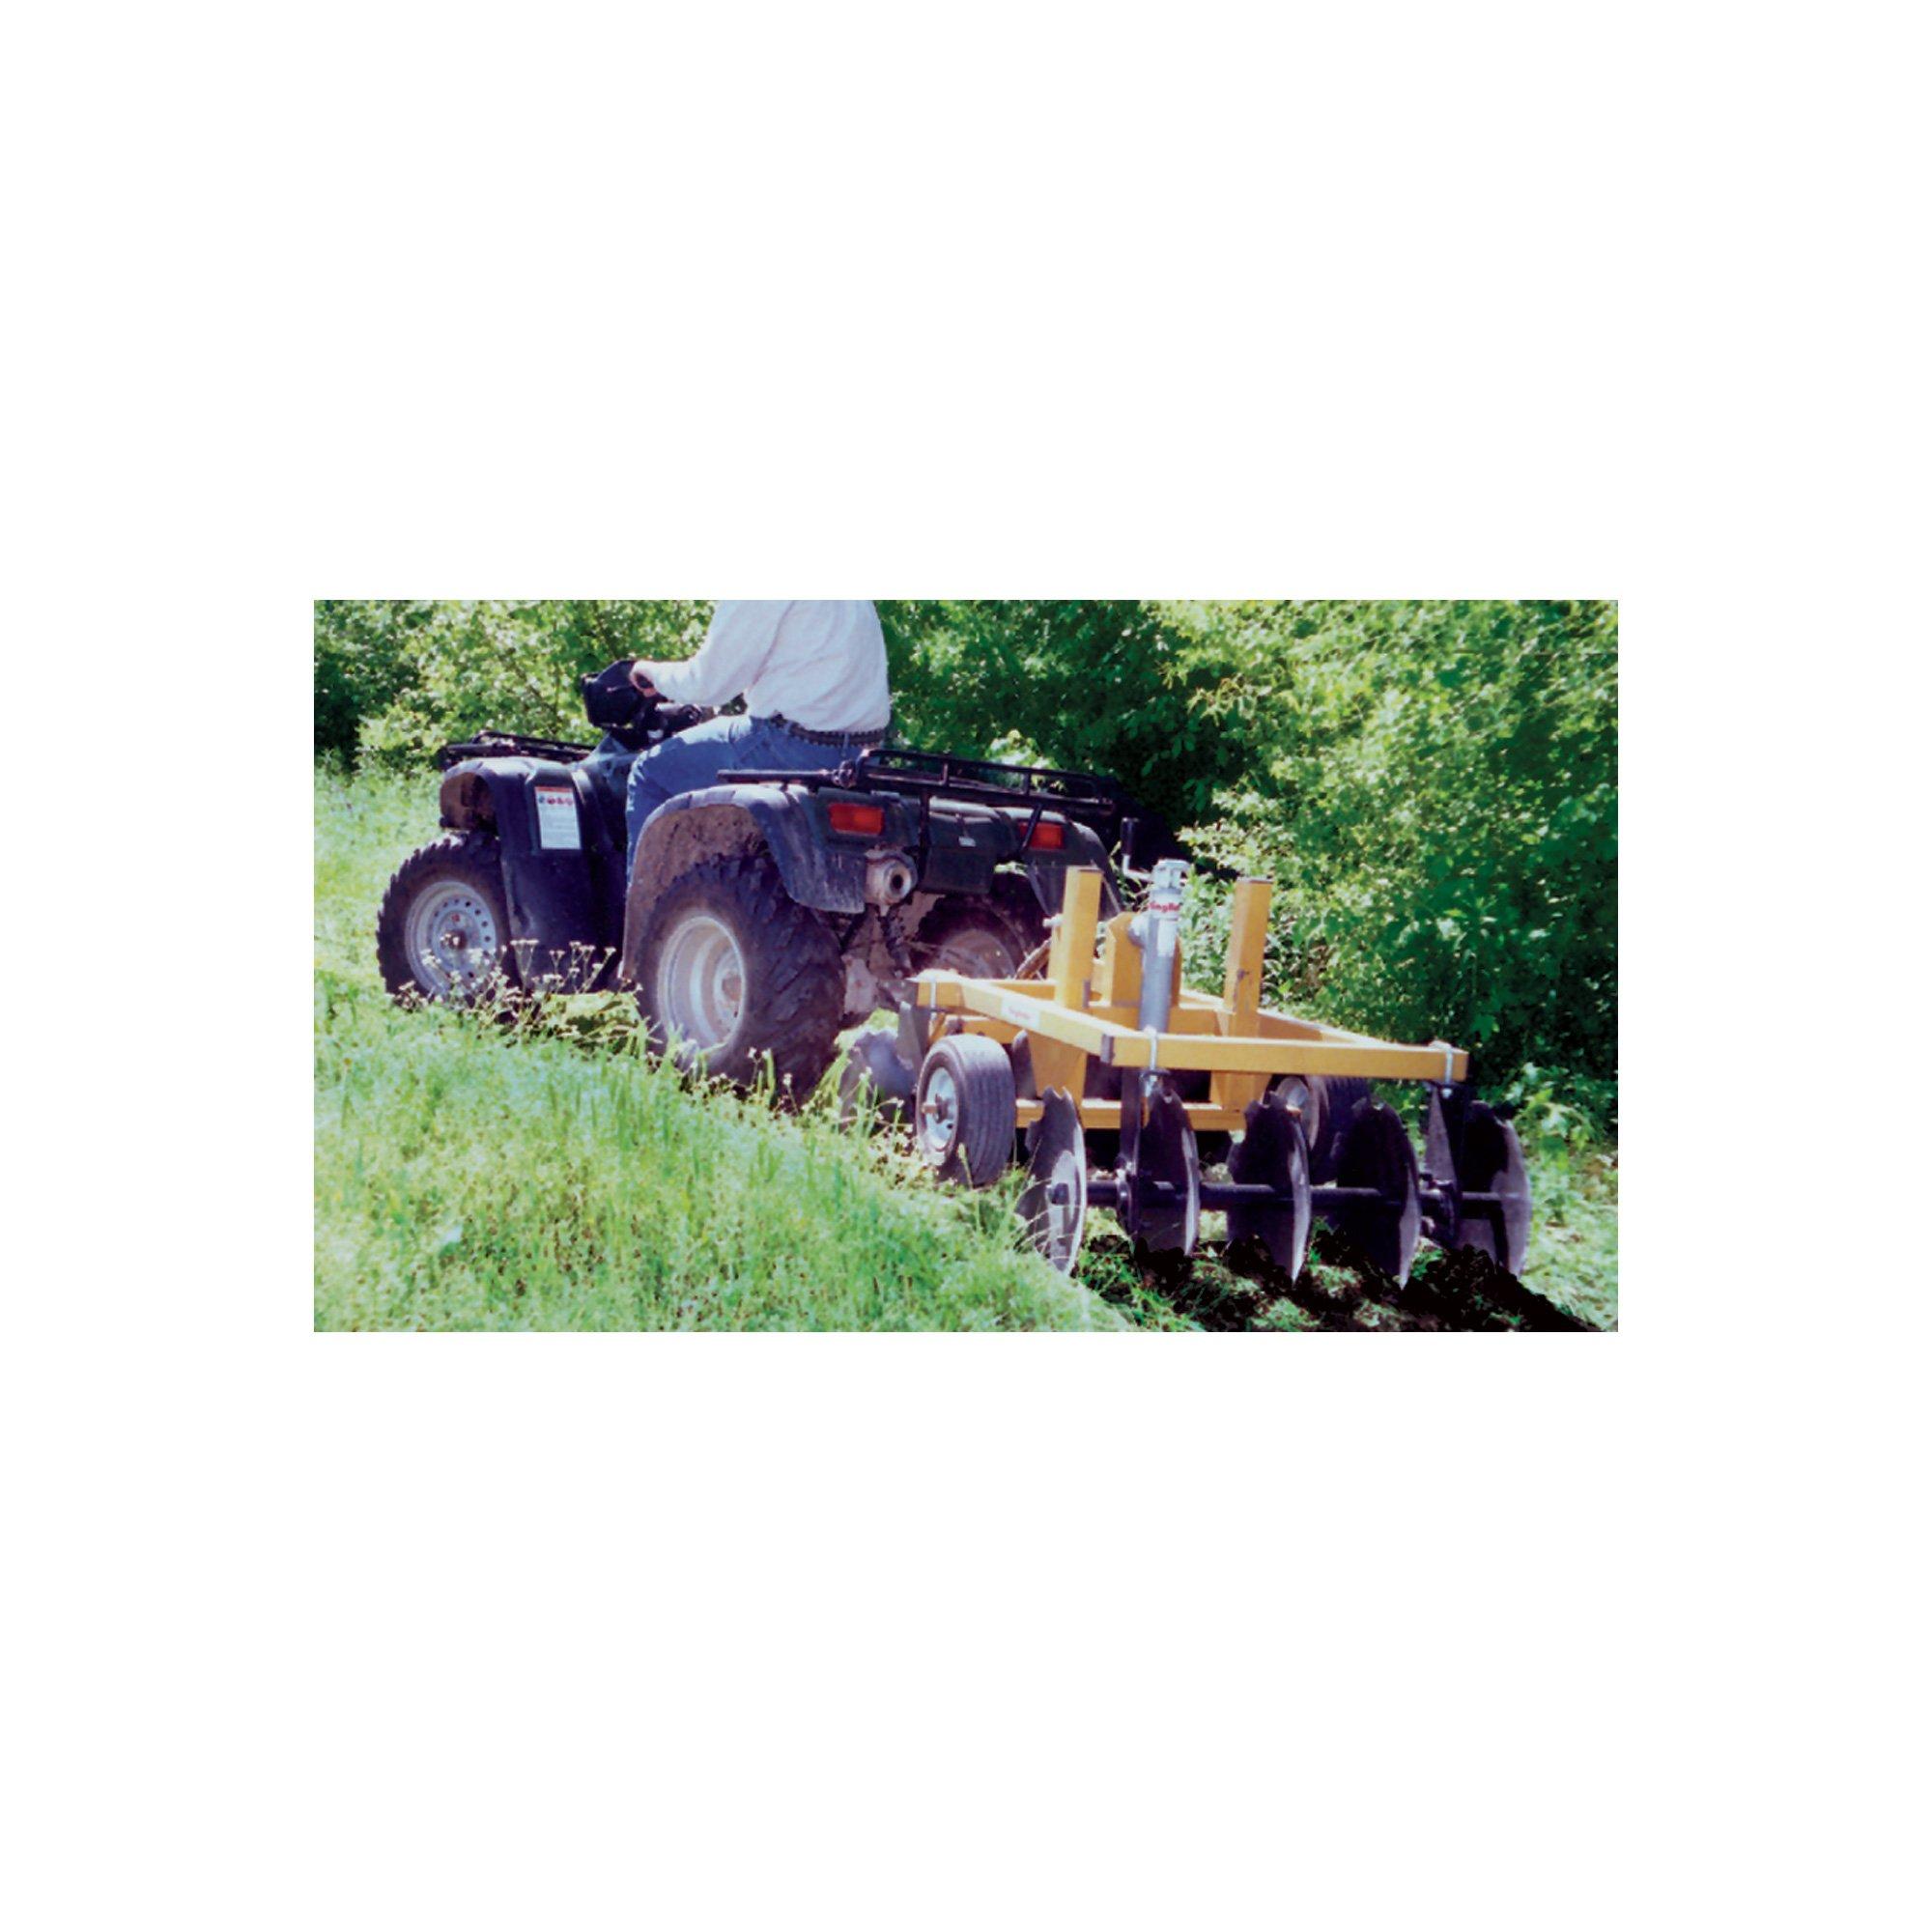 King Kutter Tow-Behind Garden Tractor/ATV Compact Disc - 33in. Working Width, Model# 14-10-CD-YK